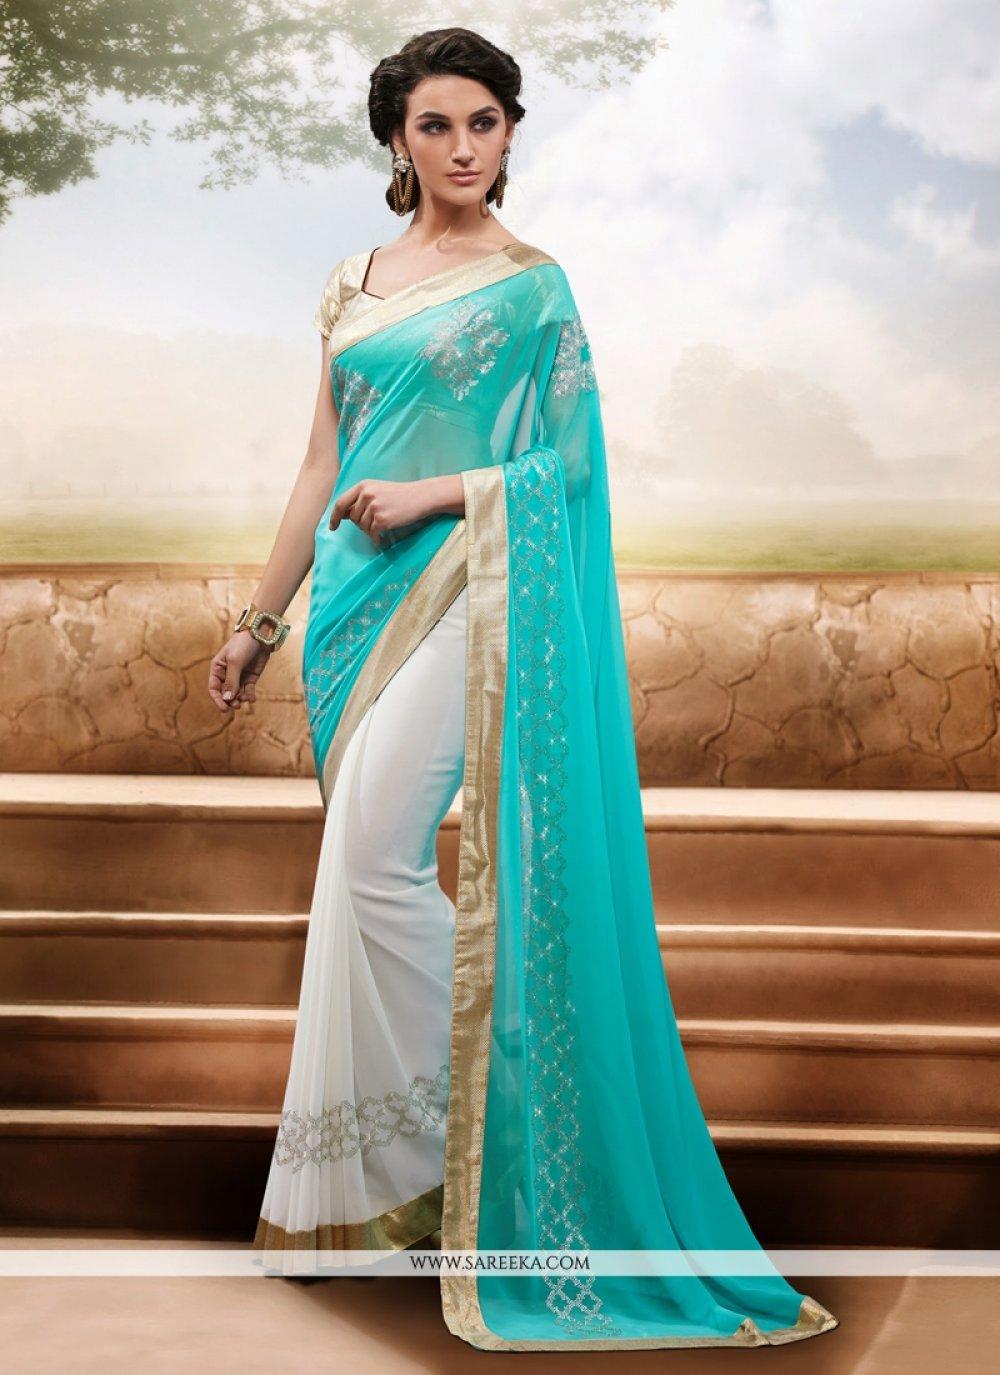 Sky Blue And White Chiffon Designer Saree